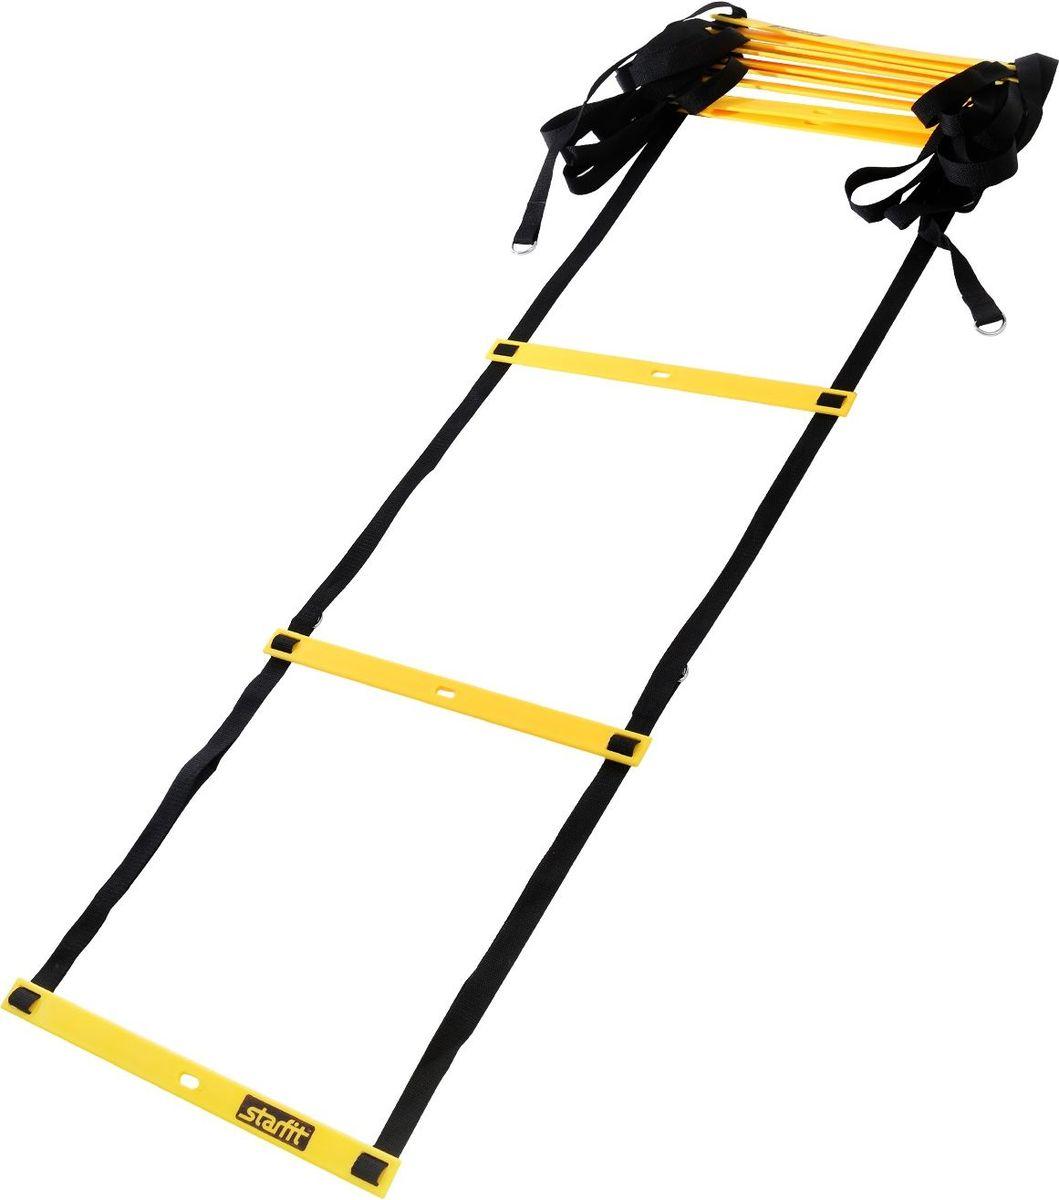 Лестница координационная Starfit FA-601, цвет: желтый, черный, 6 мУТ-00009803Лестница координационная FA-601– высокоэффективный универсальный аксессуар комплексного типа. Упражнения на координационной лестнице тренируют скорость и выносливость, повышают контроль над балансом тела. Эти качества необходимы в игровых видах спорта. Благодаря габаритам тренажера занятия легко провести не только в зале, но и на улице или на природе.